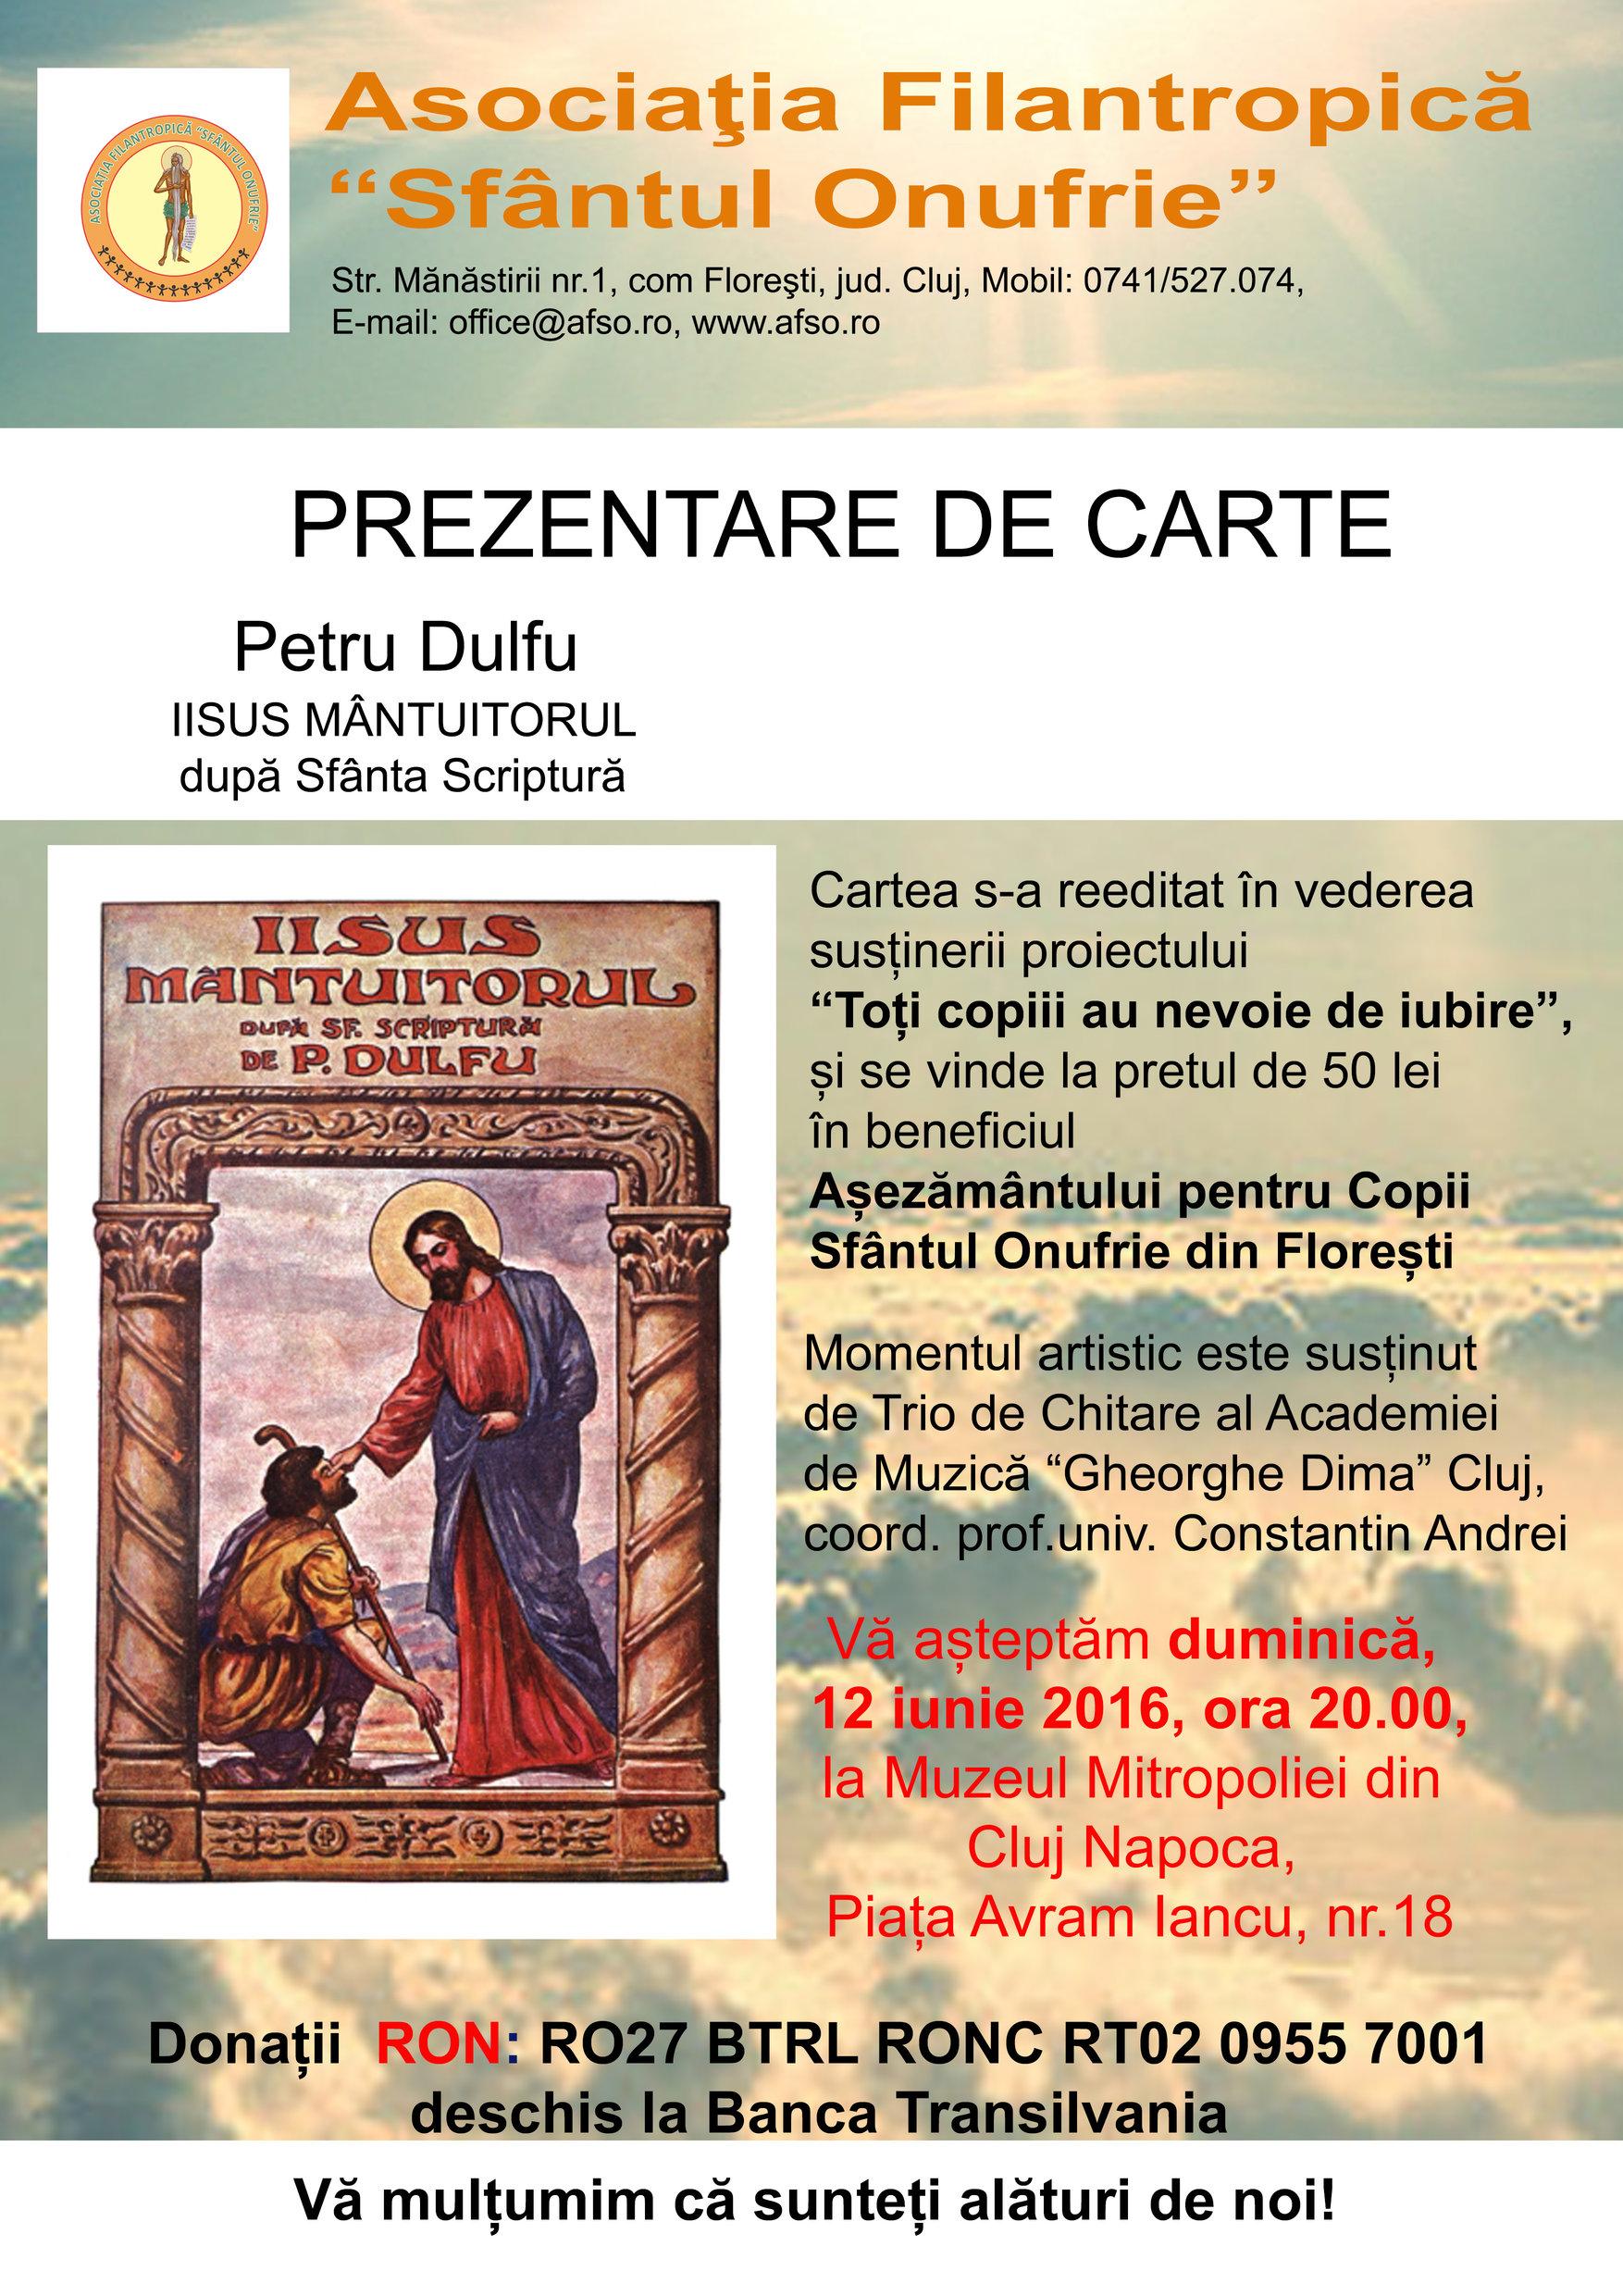 rsz_carte-iisus-mantuitorul-petru-dulfu